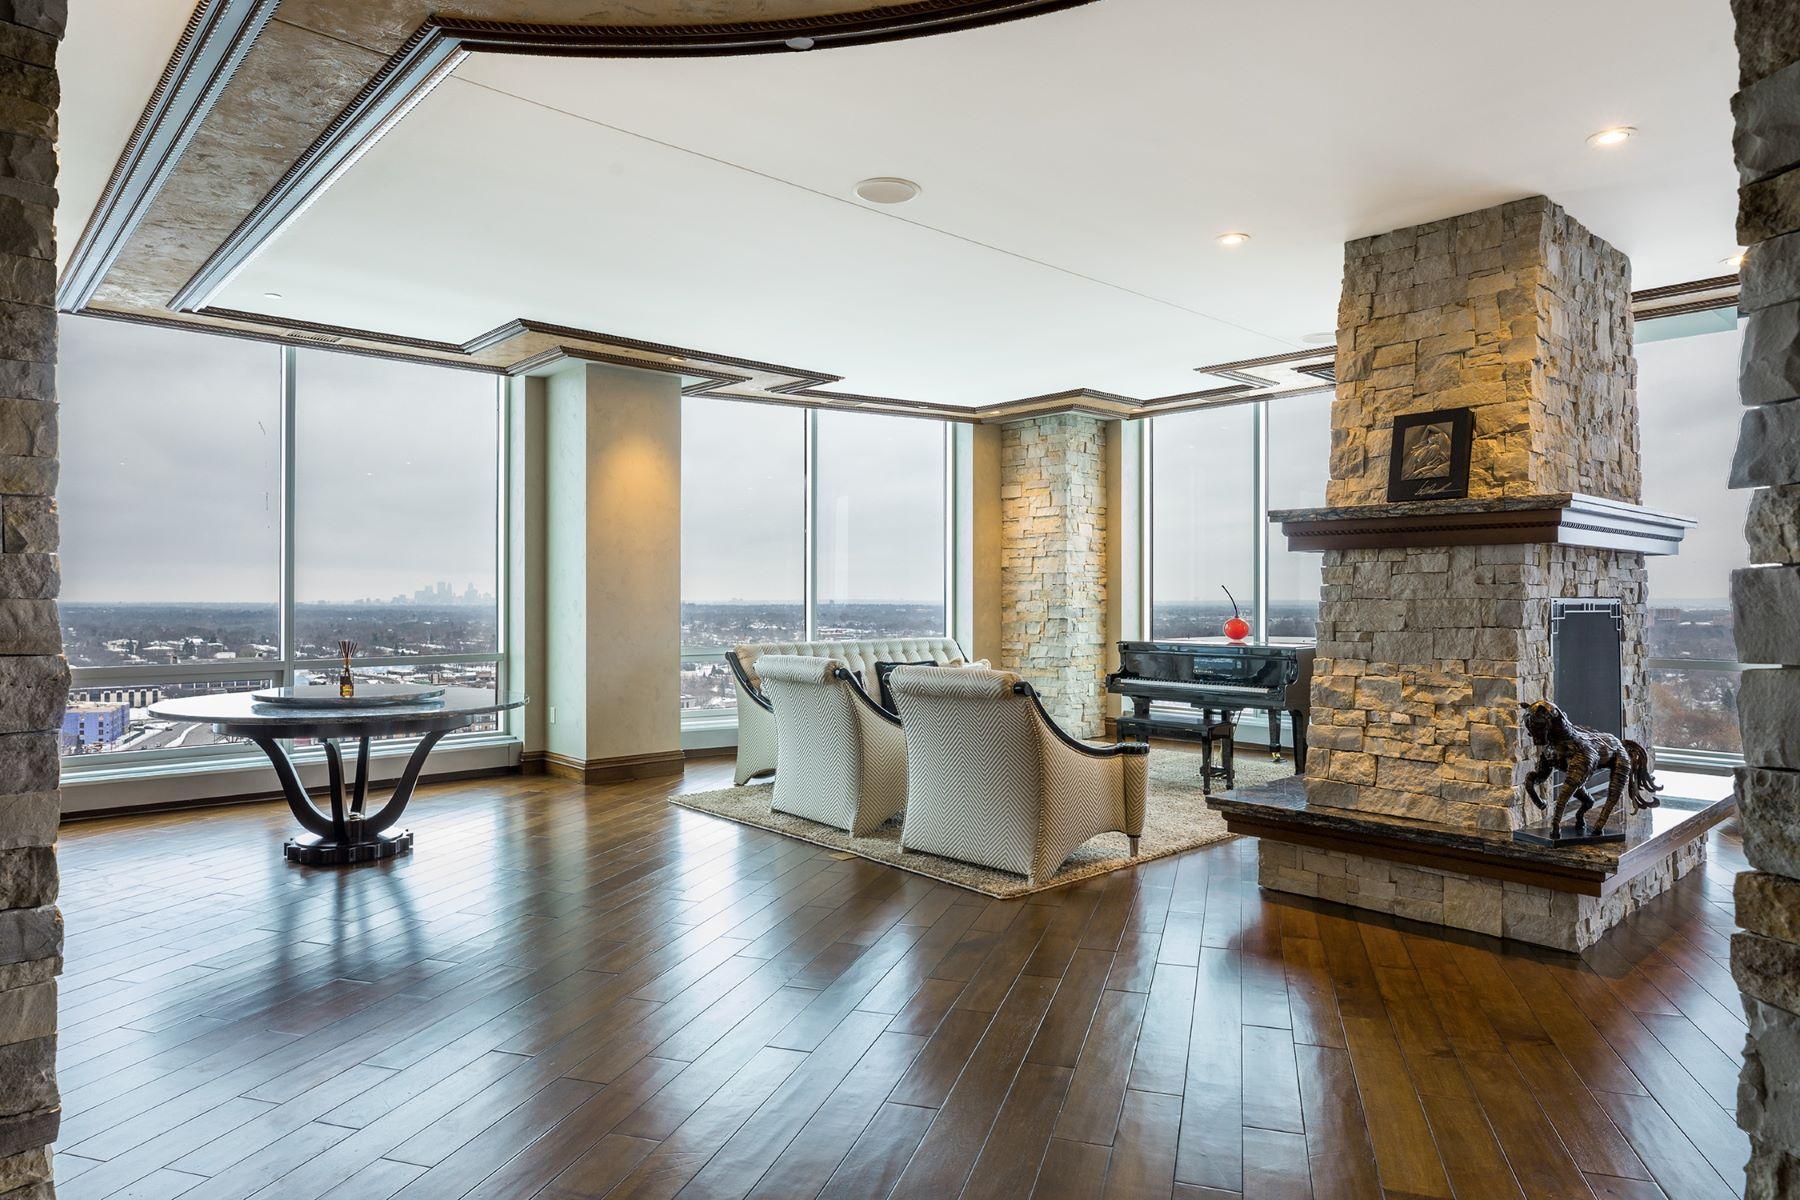 共管式独立产权公寓 为 销售 在 3209 Galleria #1808 伊代纳, 明尼苏达州, 55435 美国